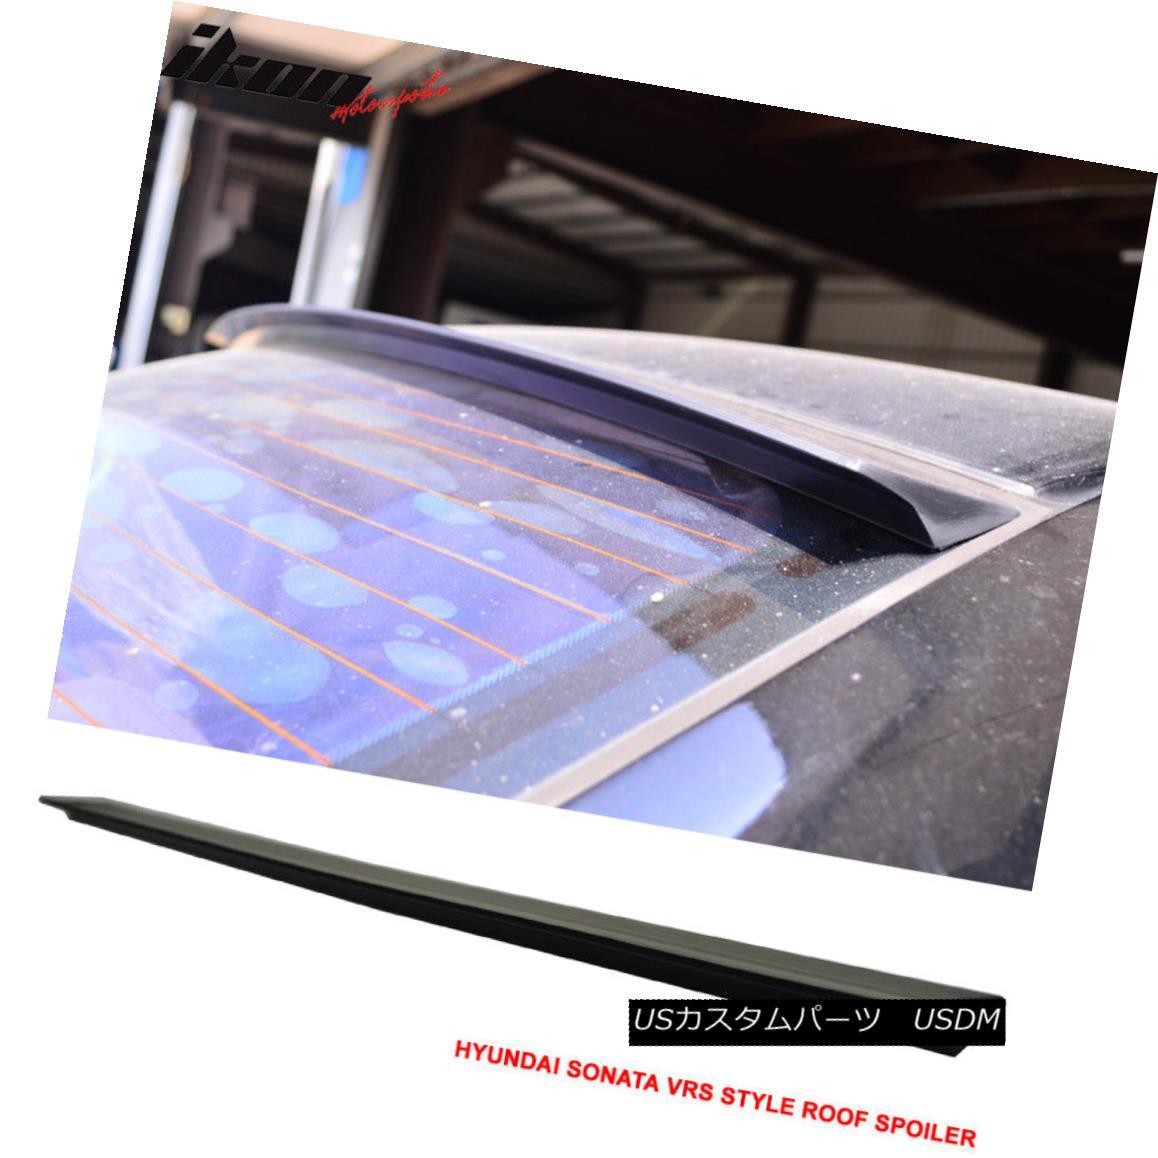 エアロパーツ For 04-10 Hyundai Sonata NF VRS Style Roof Spoiler Wing Unpainted - PUF 04-10現代ソナタNF VRSスタイルルーフスポイラーウイング無塗装 - PUF